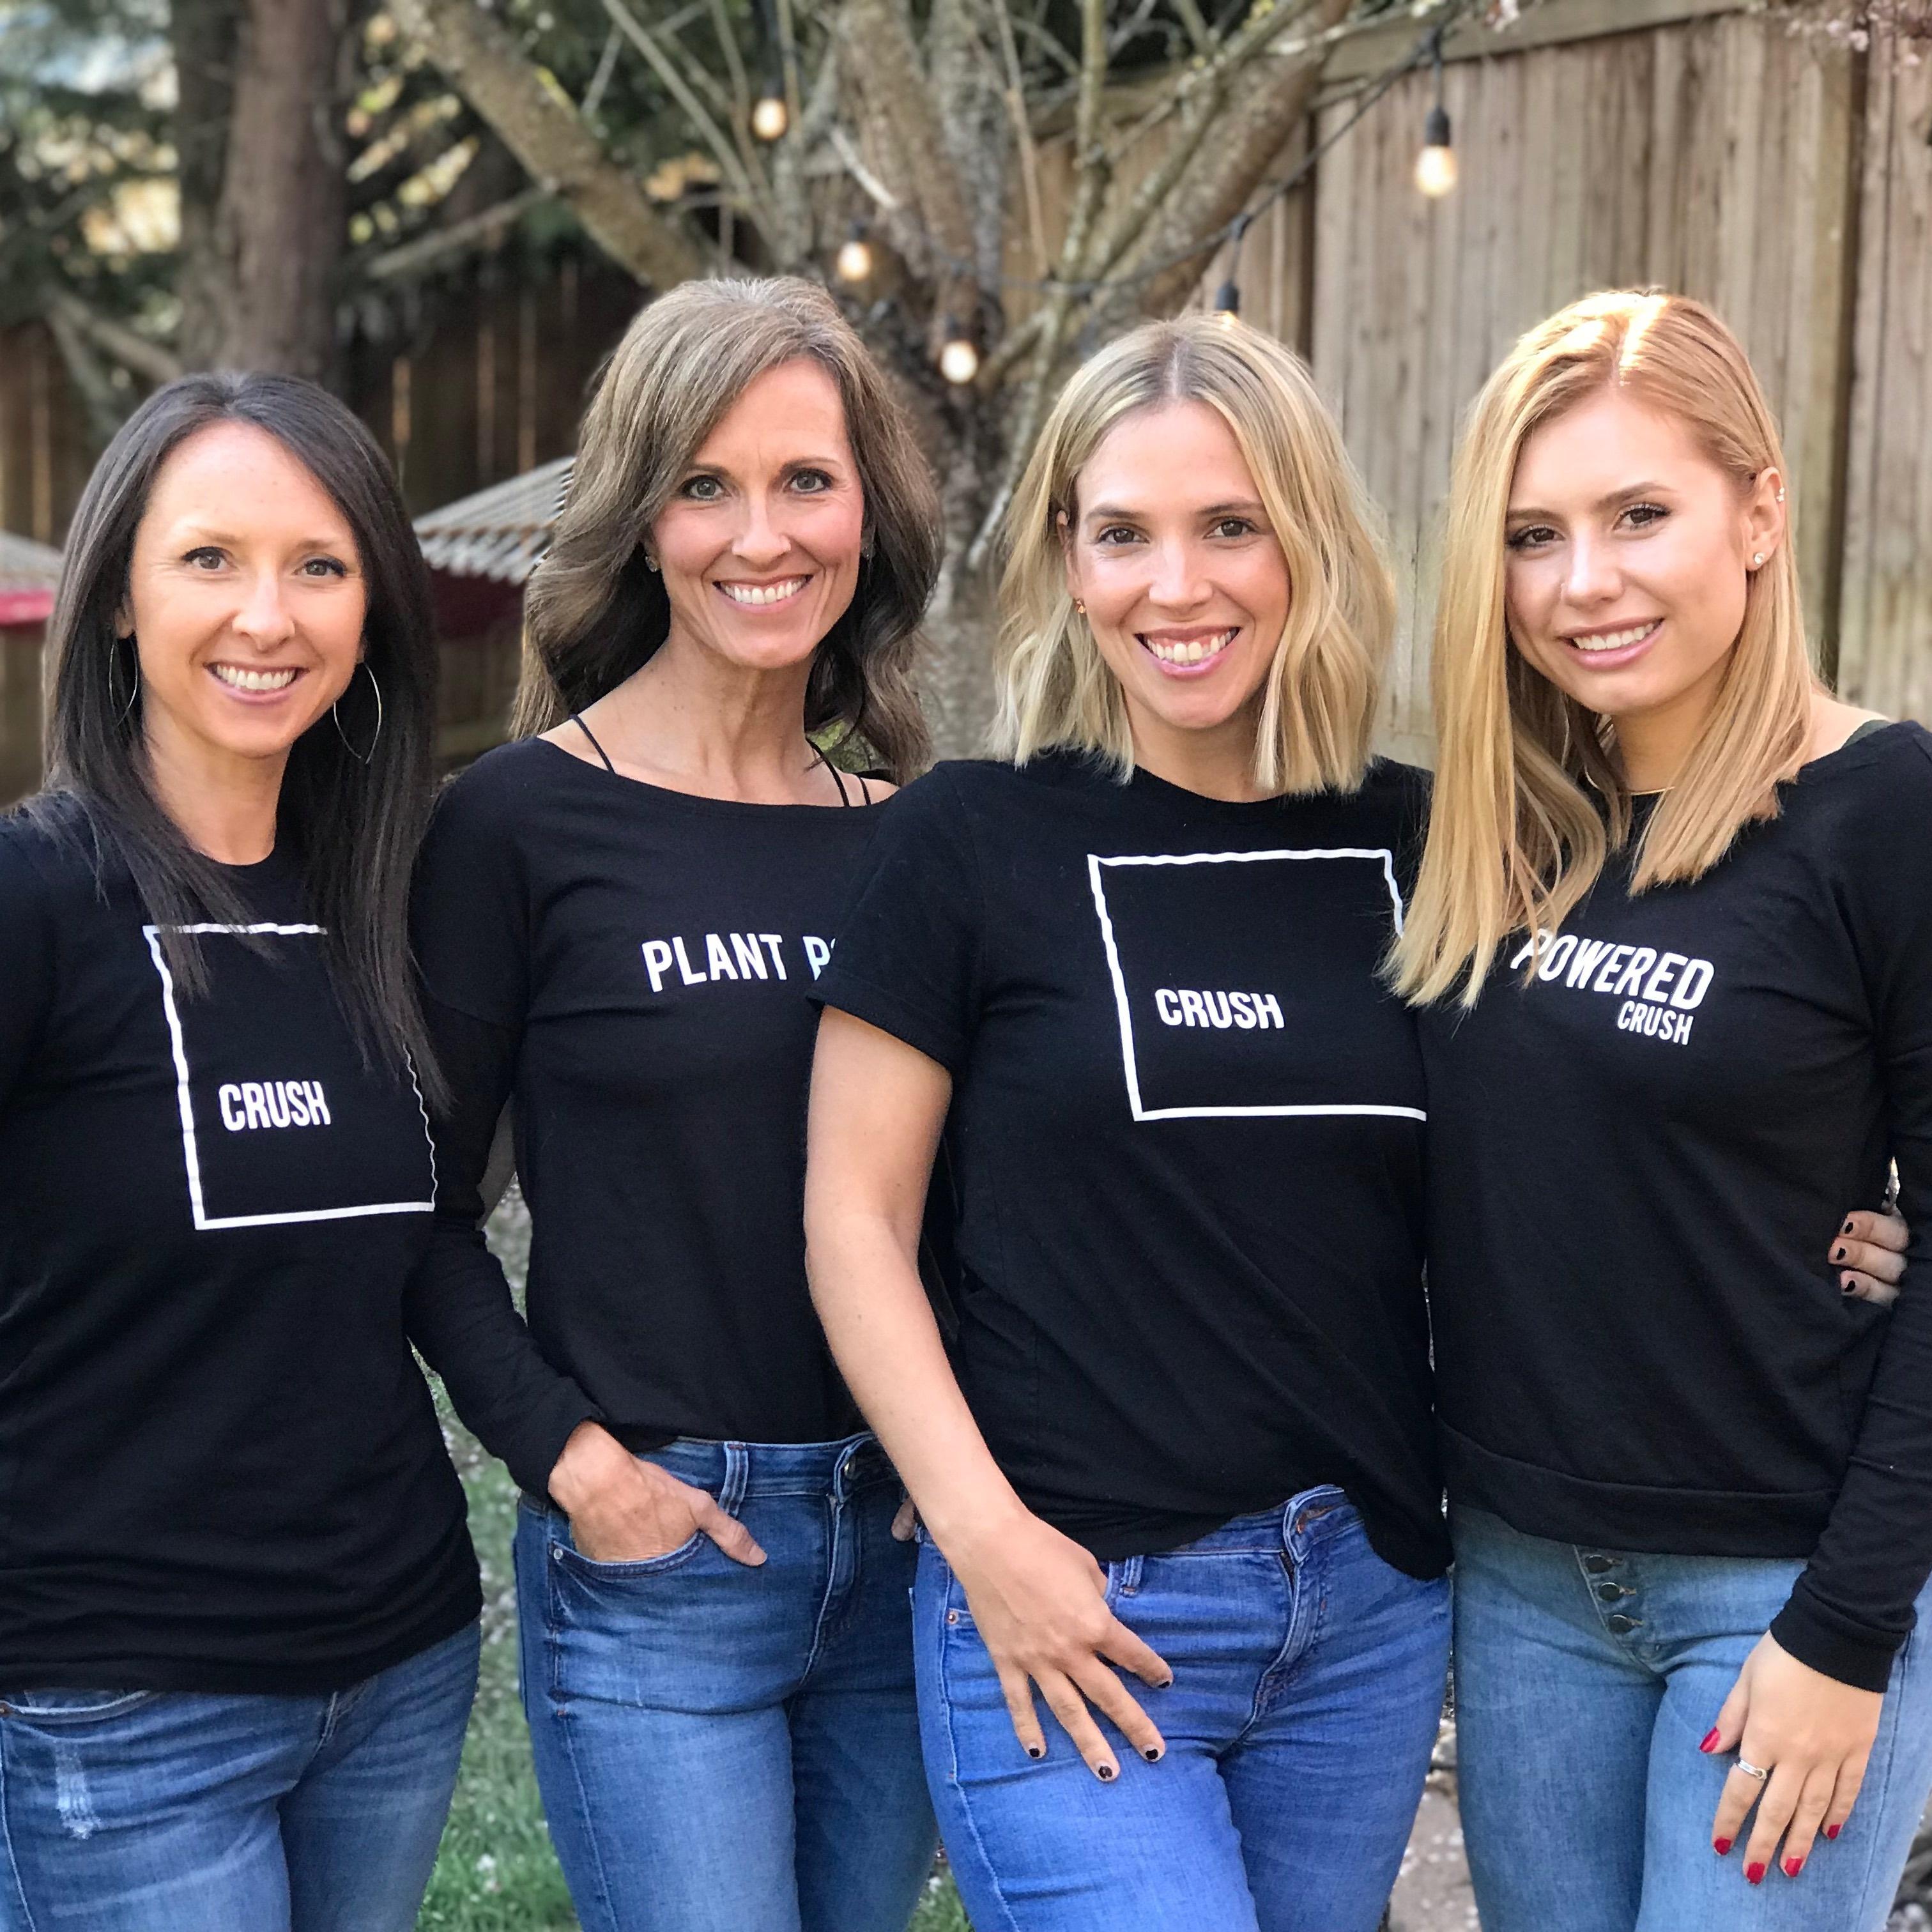 The Crush Crew:  Sarah, Tawnee, Cairi & Delaney